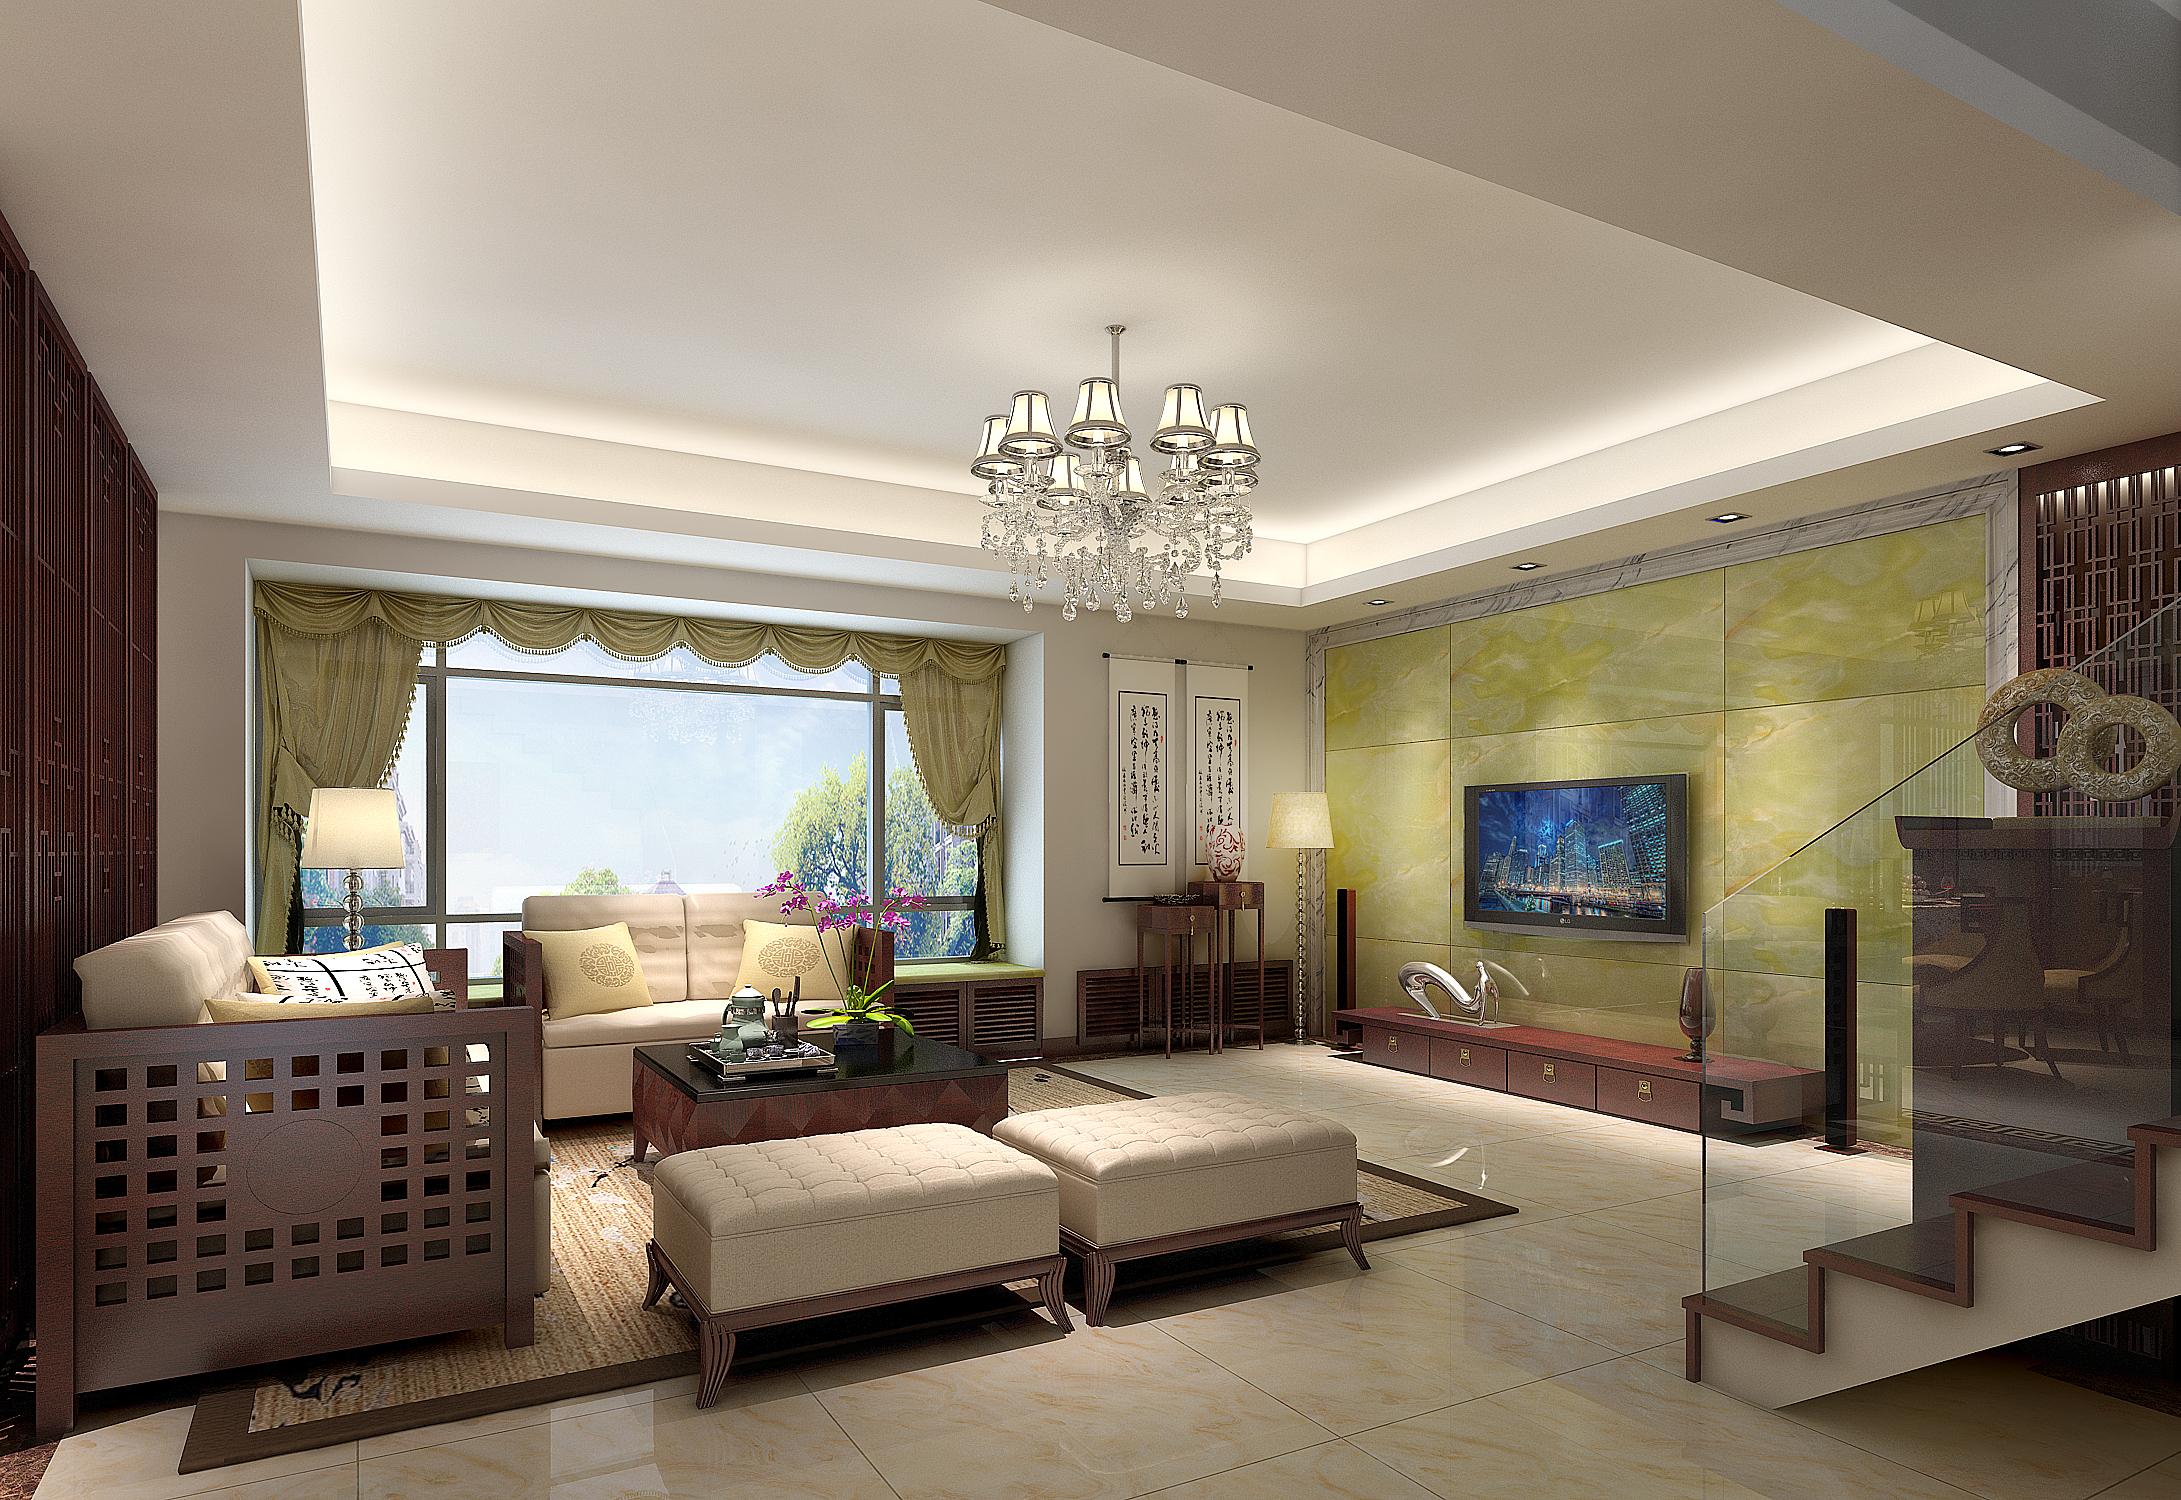 绿玉石做电视背景墙,中式字画,简洁的木格镂空屏风图片